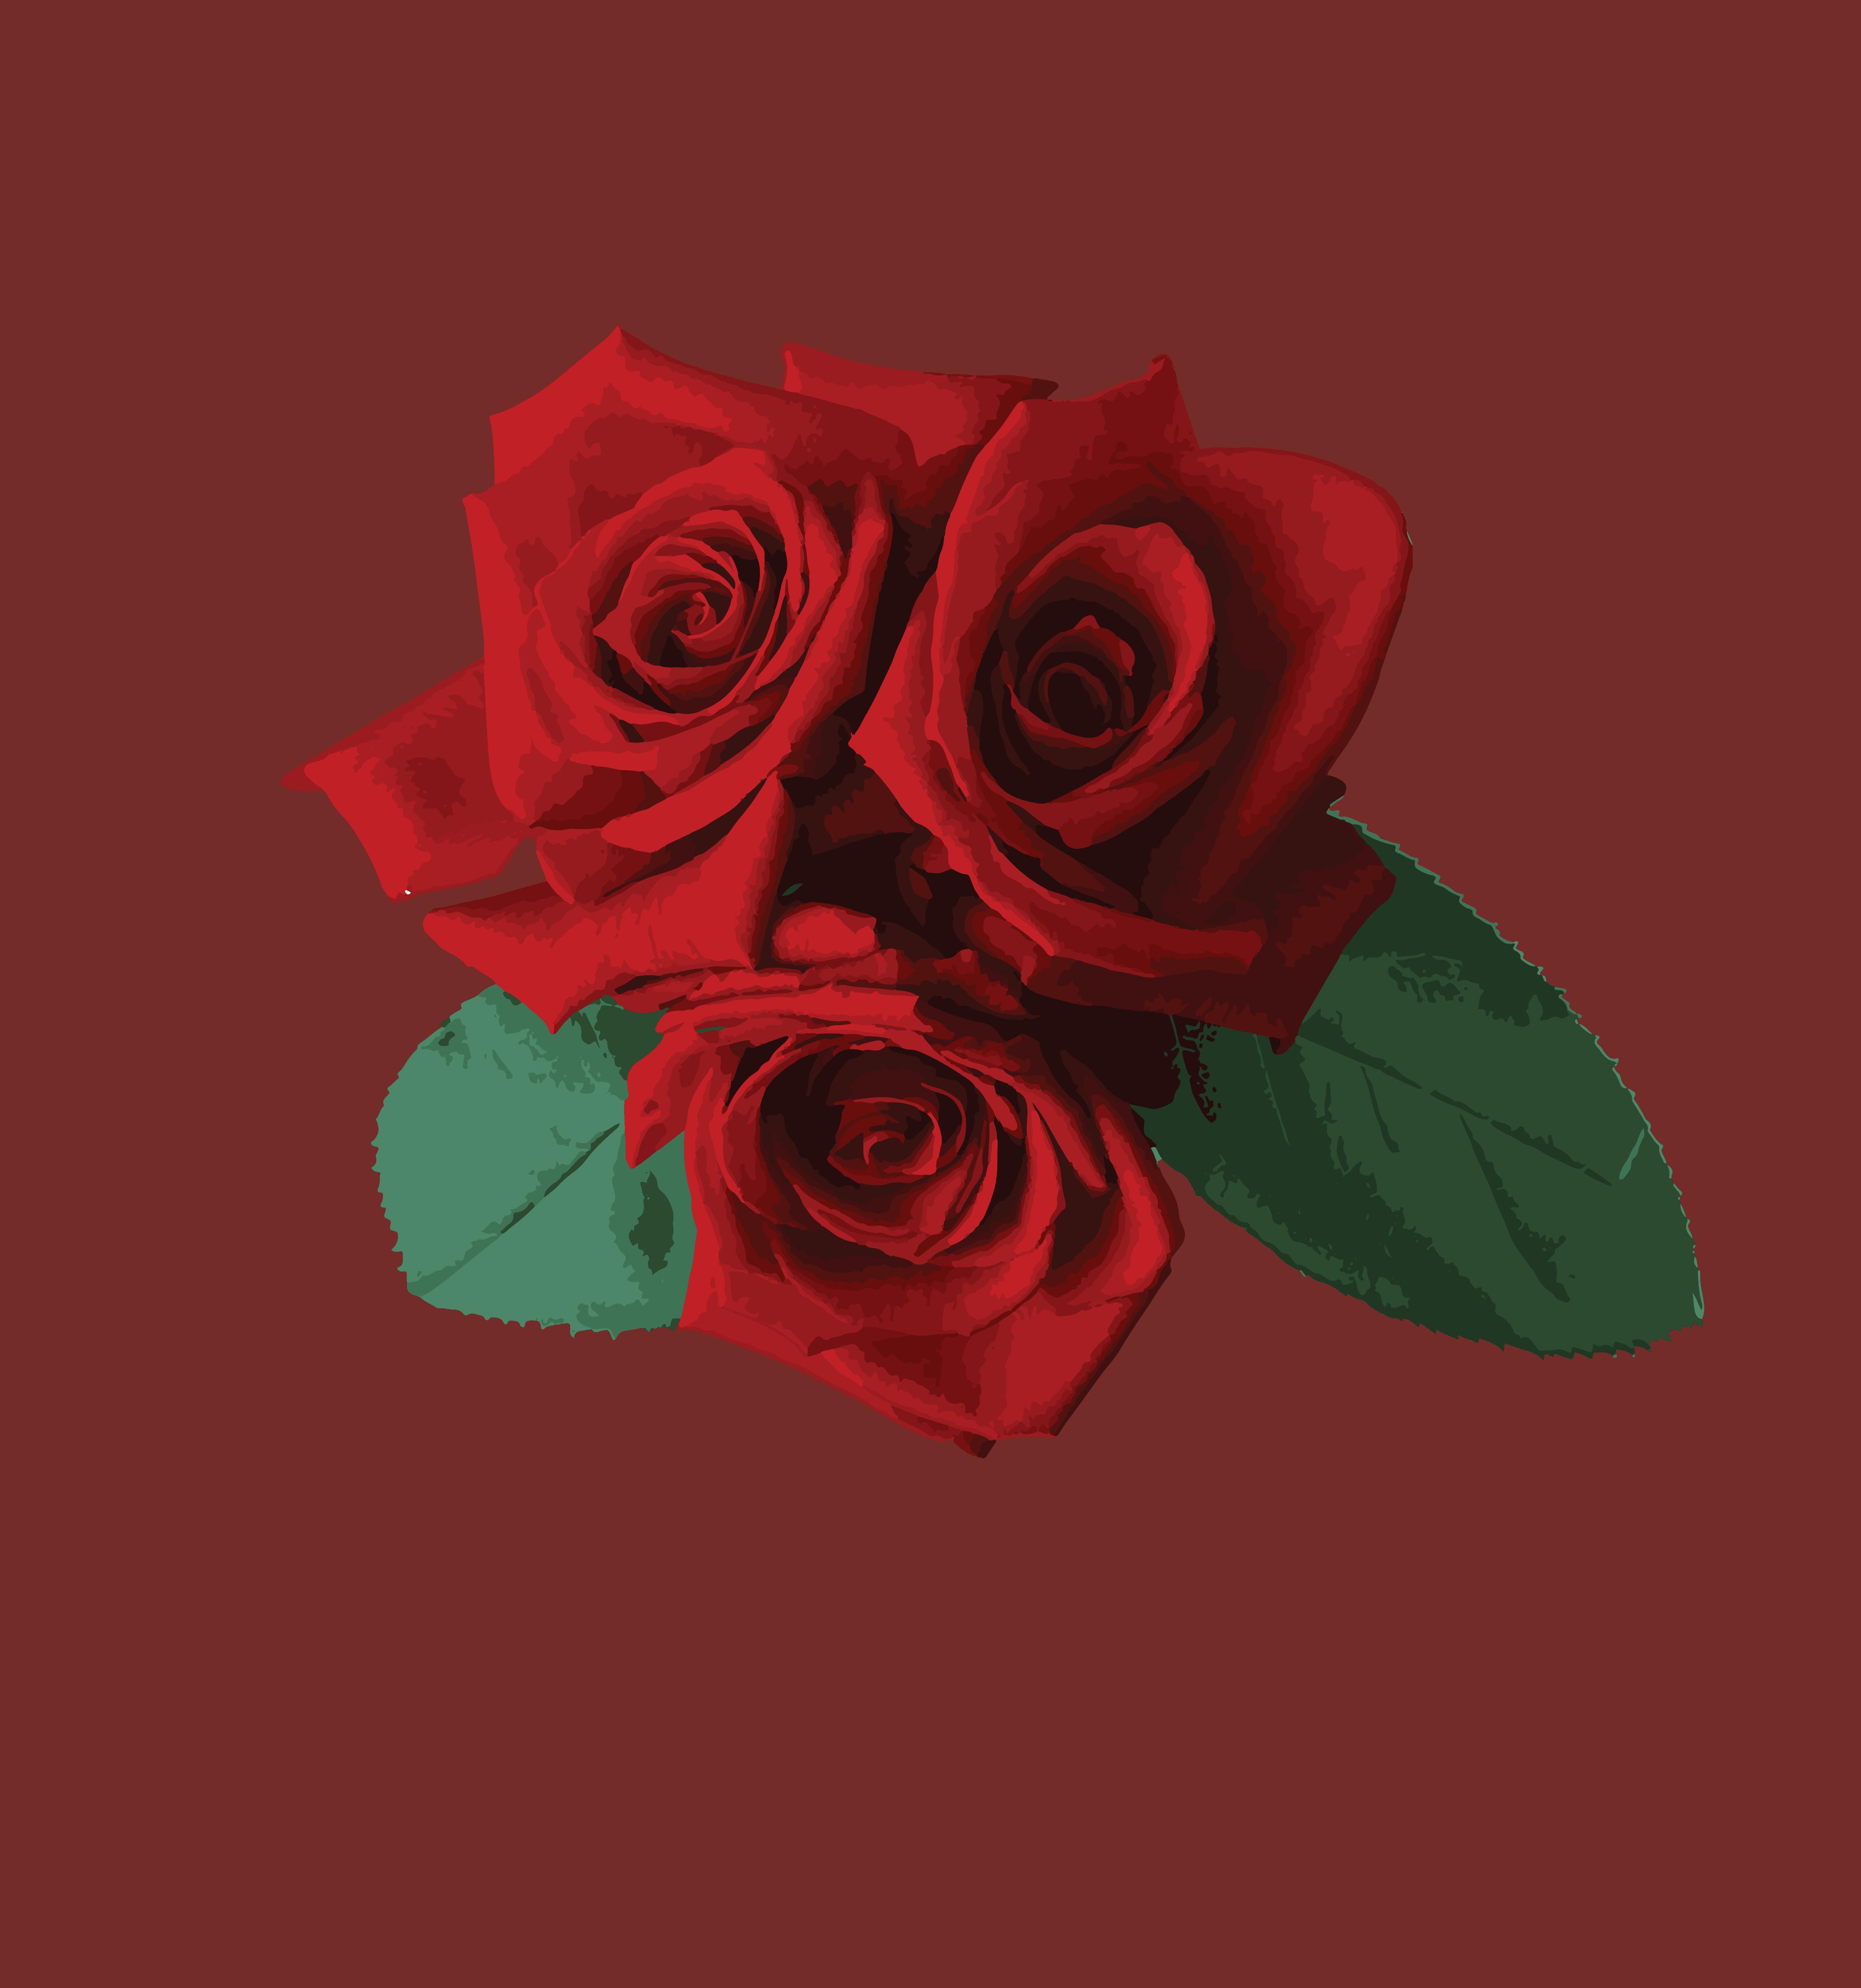 สารสกัดจากกุหลาบ (Rose Extract)